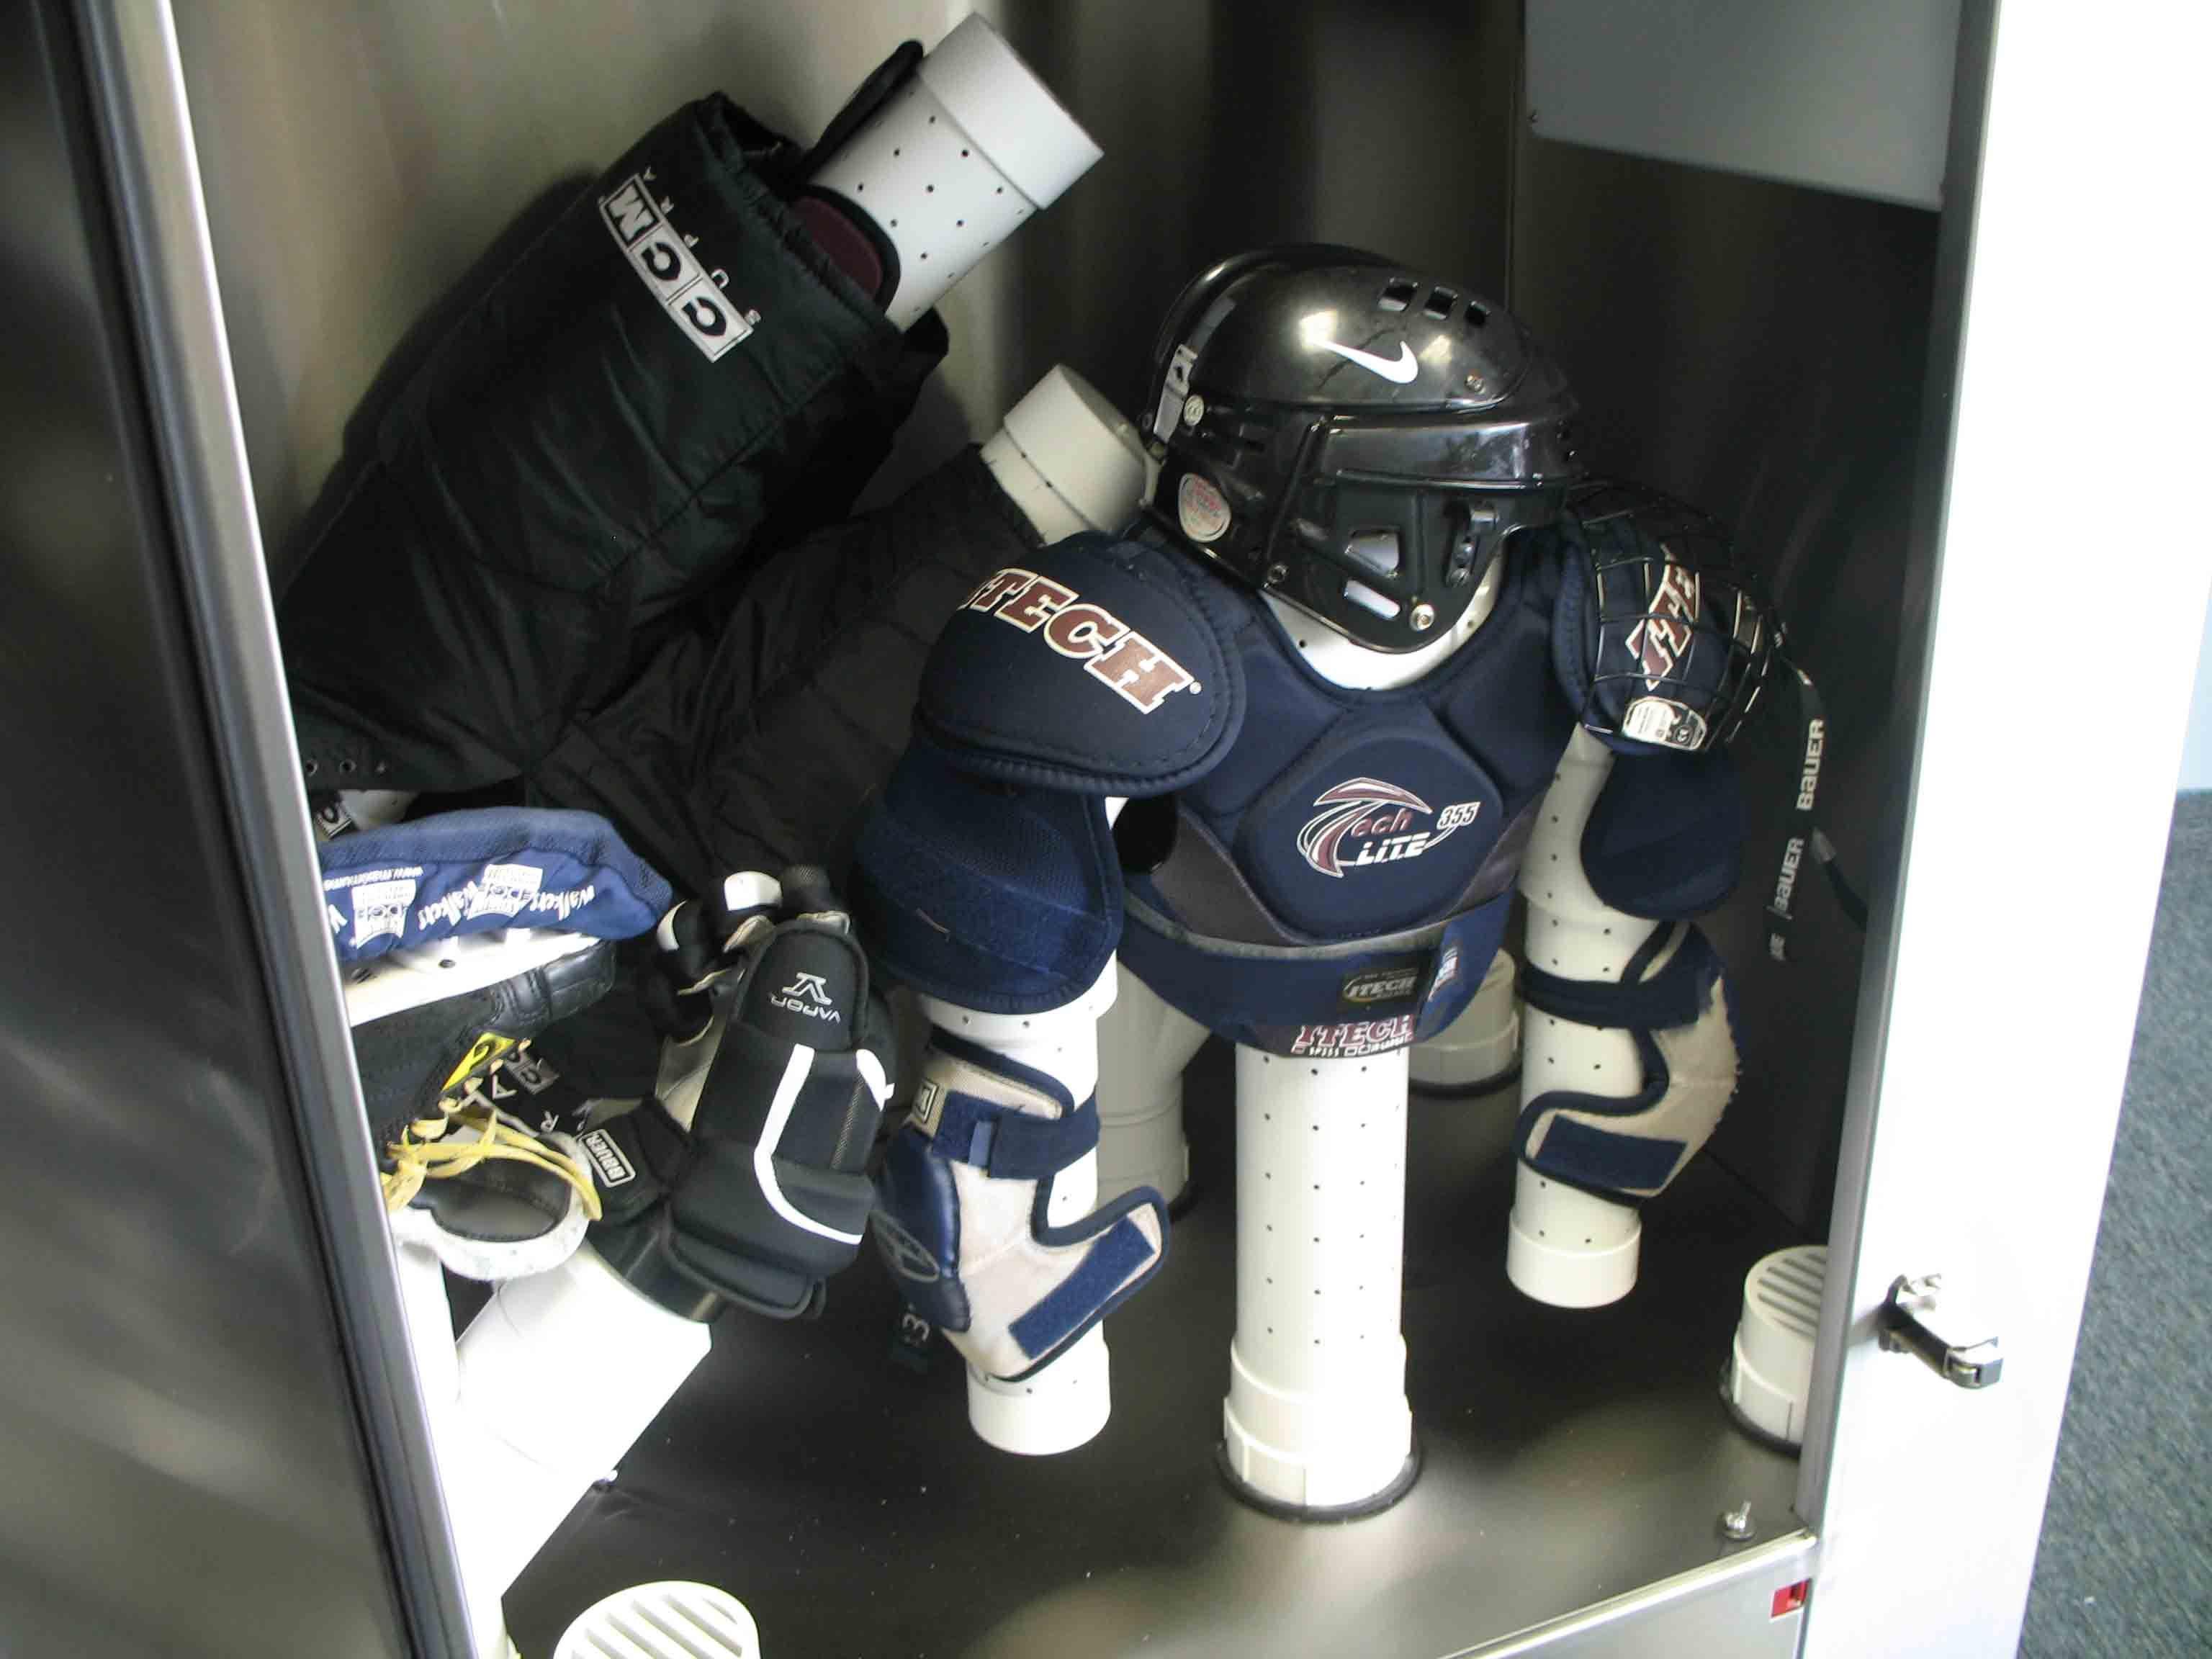 Hot 11 Sensationelle Eishockey Ausrustung Reinigung Gemeinsam